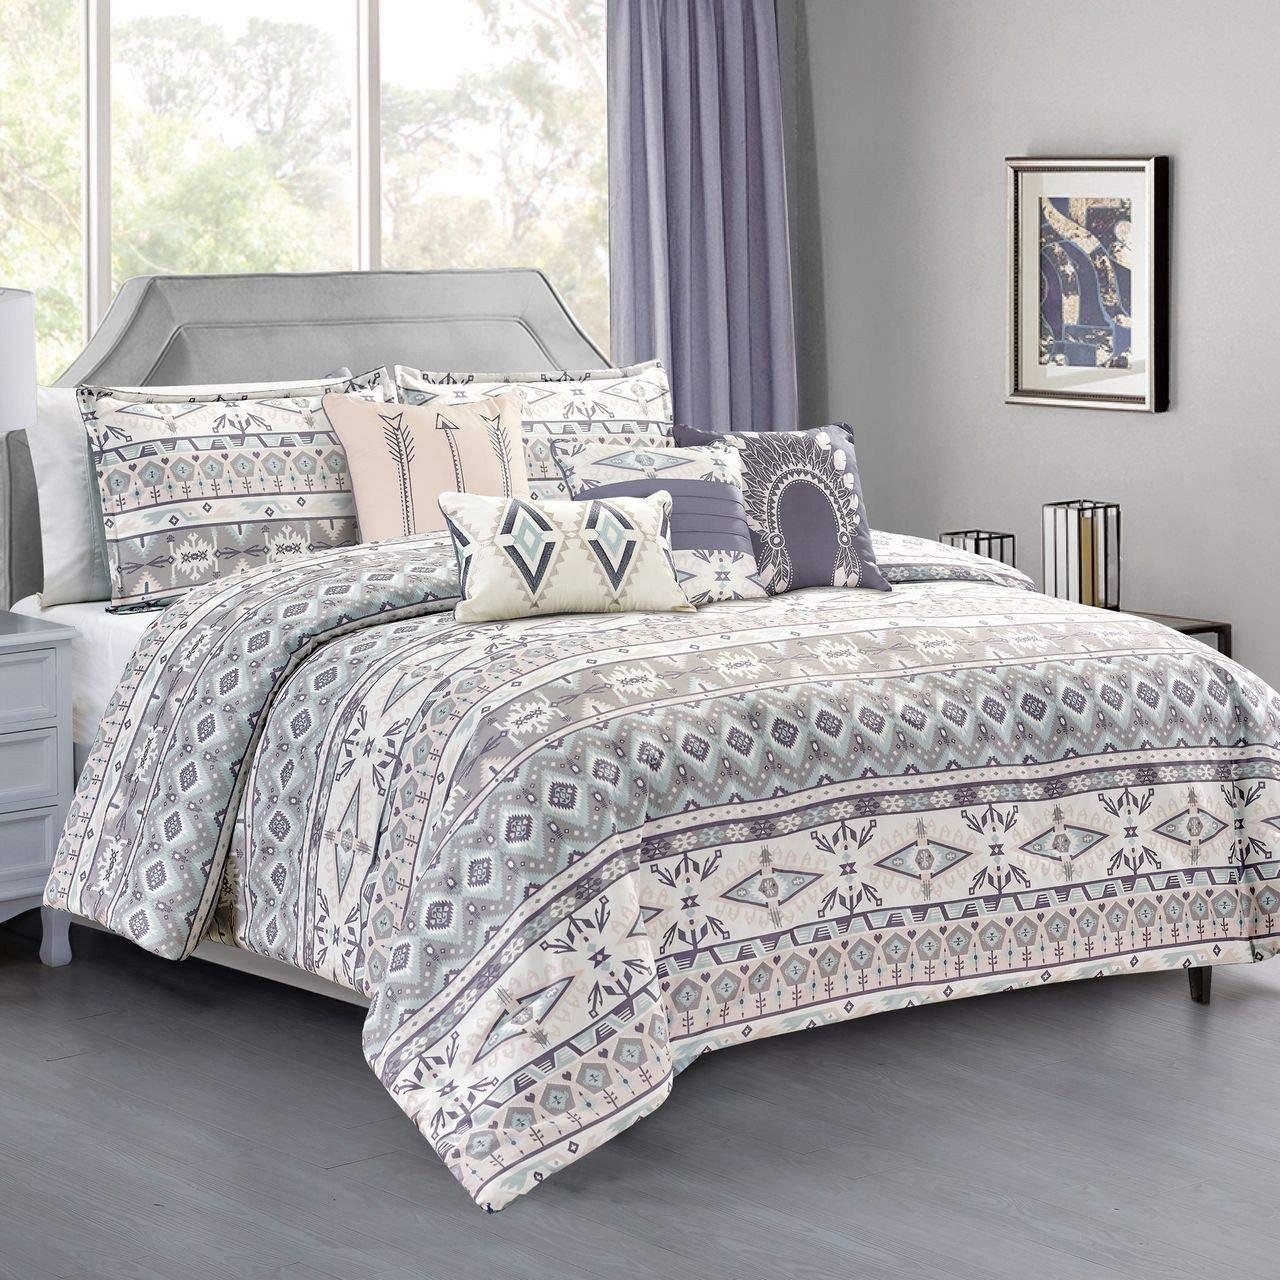 6 Piece Queen Bedroom Set Inspirational Kinglinen 7 Piece Yvonne forter Set Queen